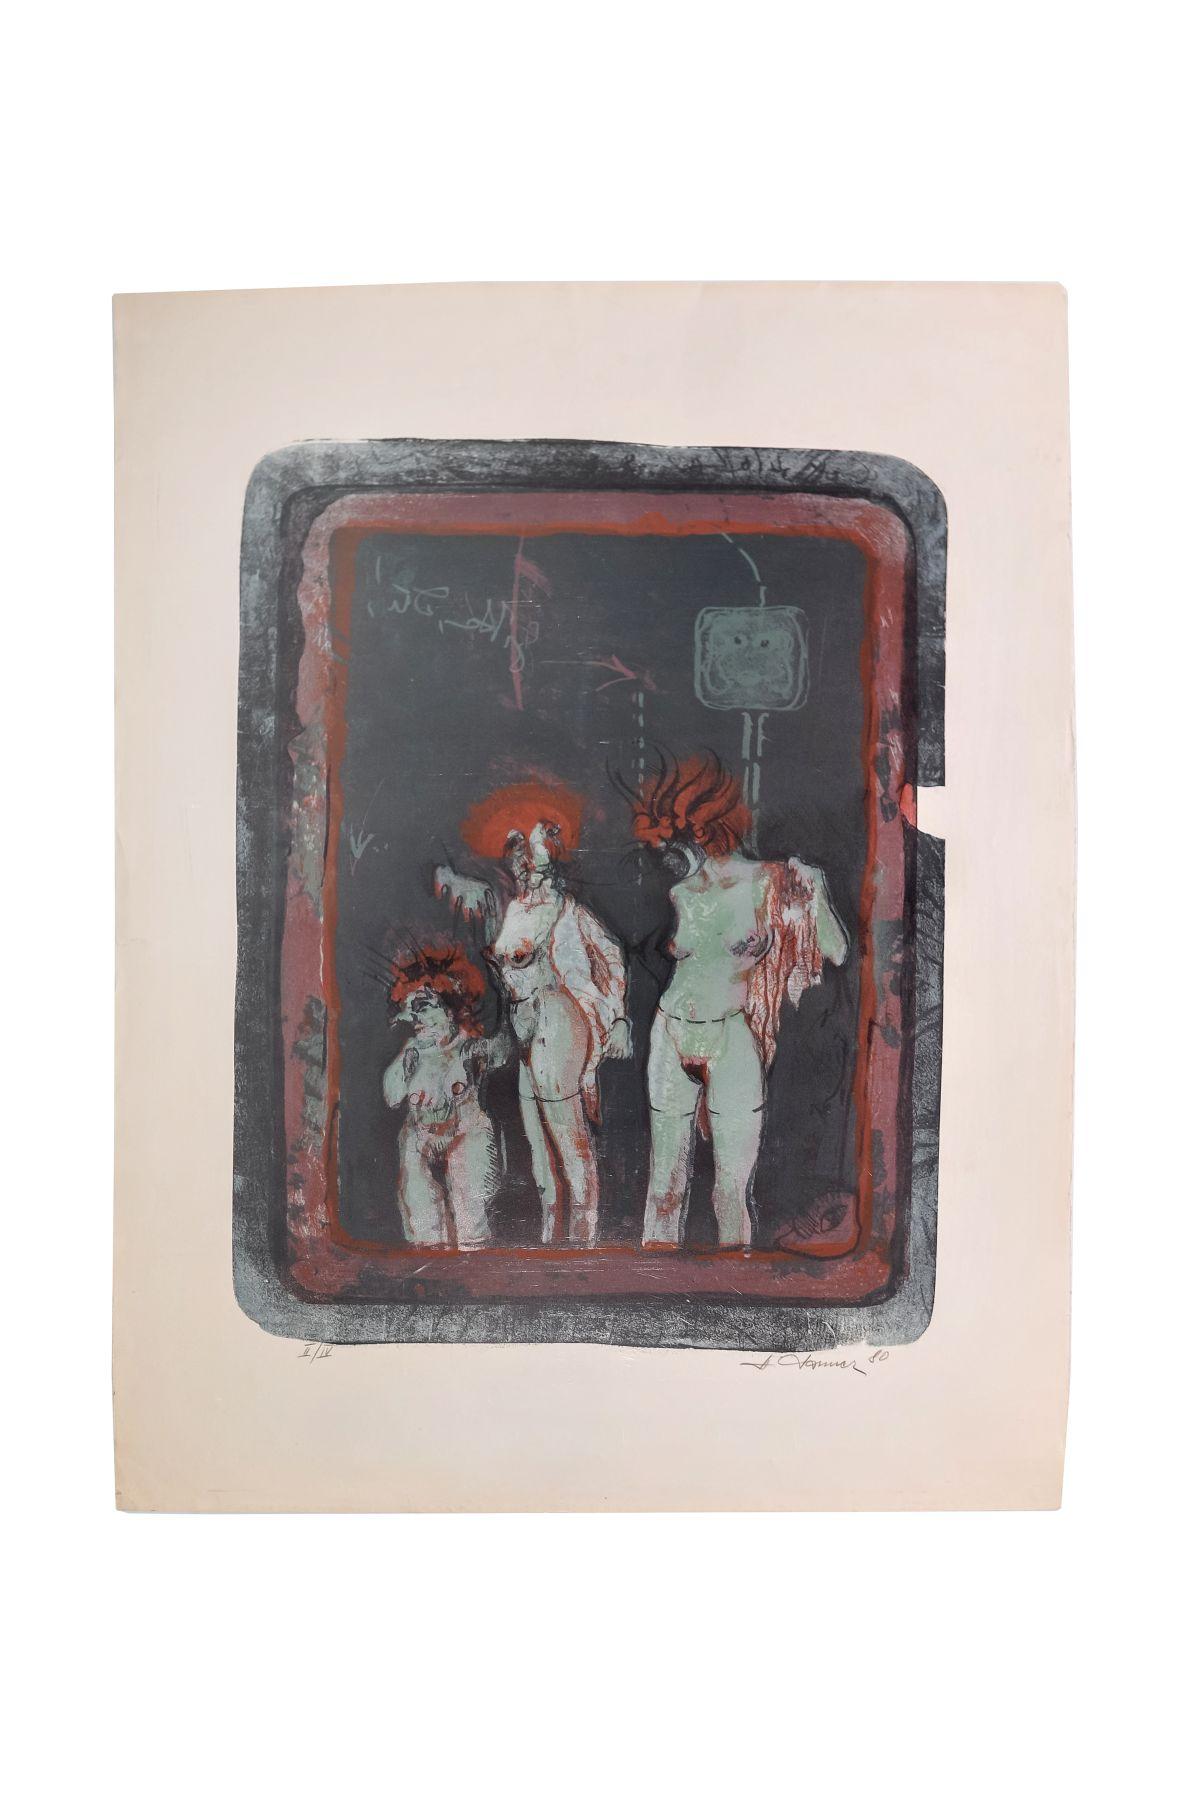 #82 Untitled | H. Tanner(?), Künstler des 20. Jahrhundert Image